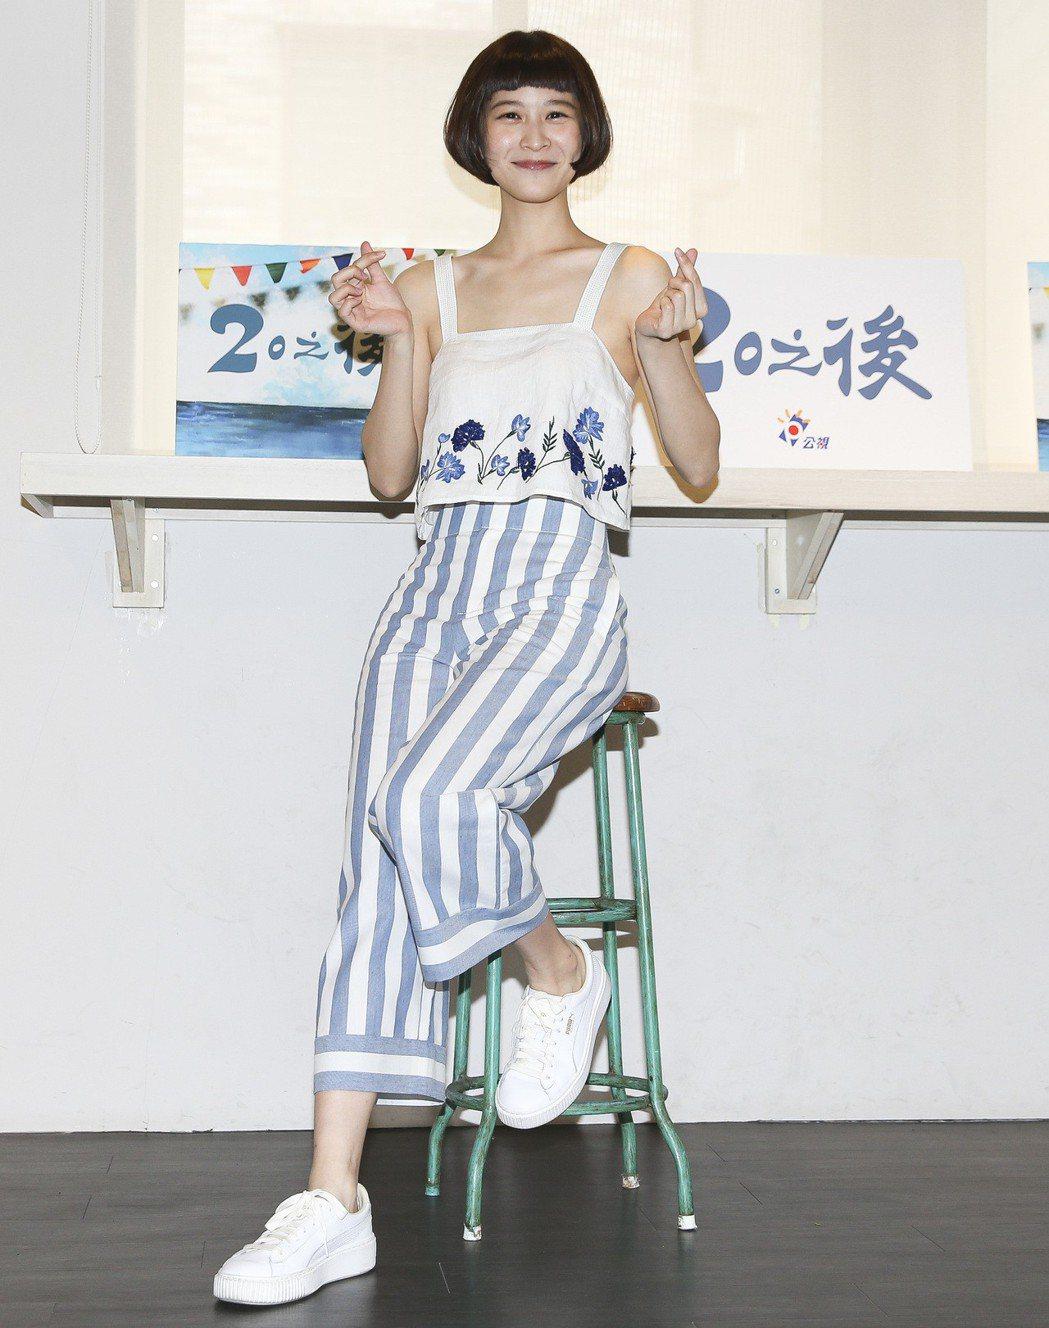 公視X稻田電影工作室,連續劇《20之後》,江宜蓉(江沂宸)。記者楊萬雲/攝影